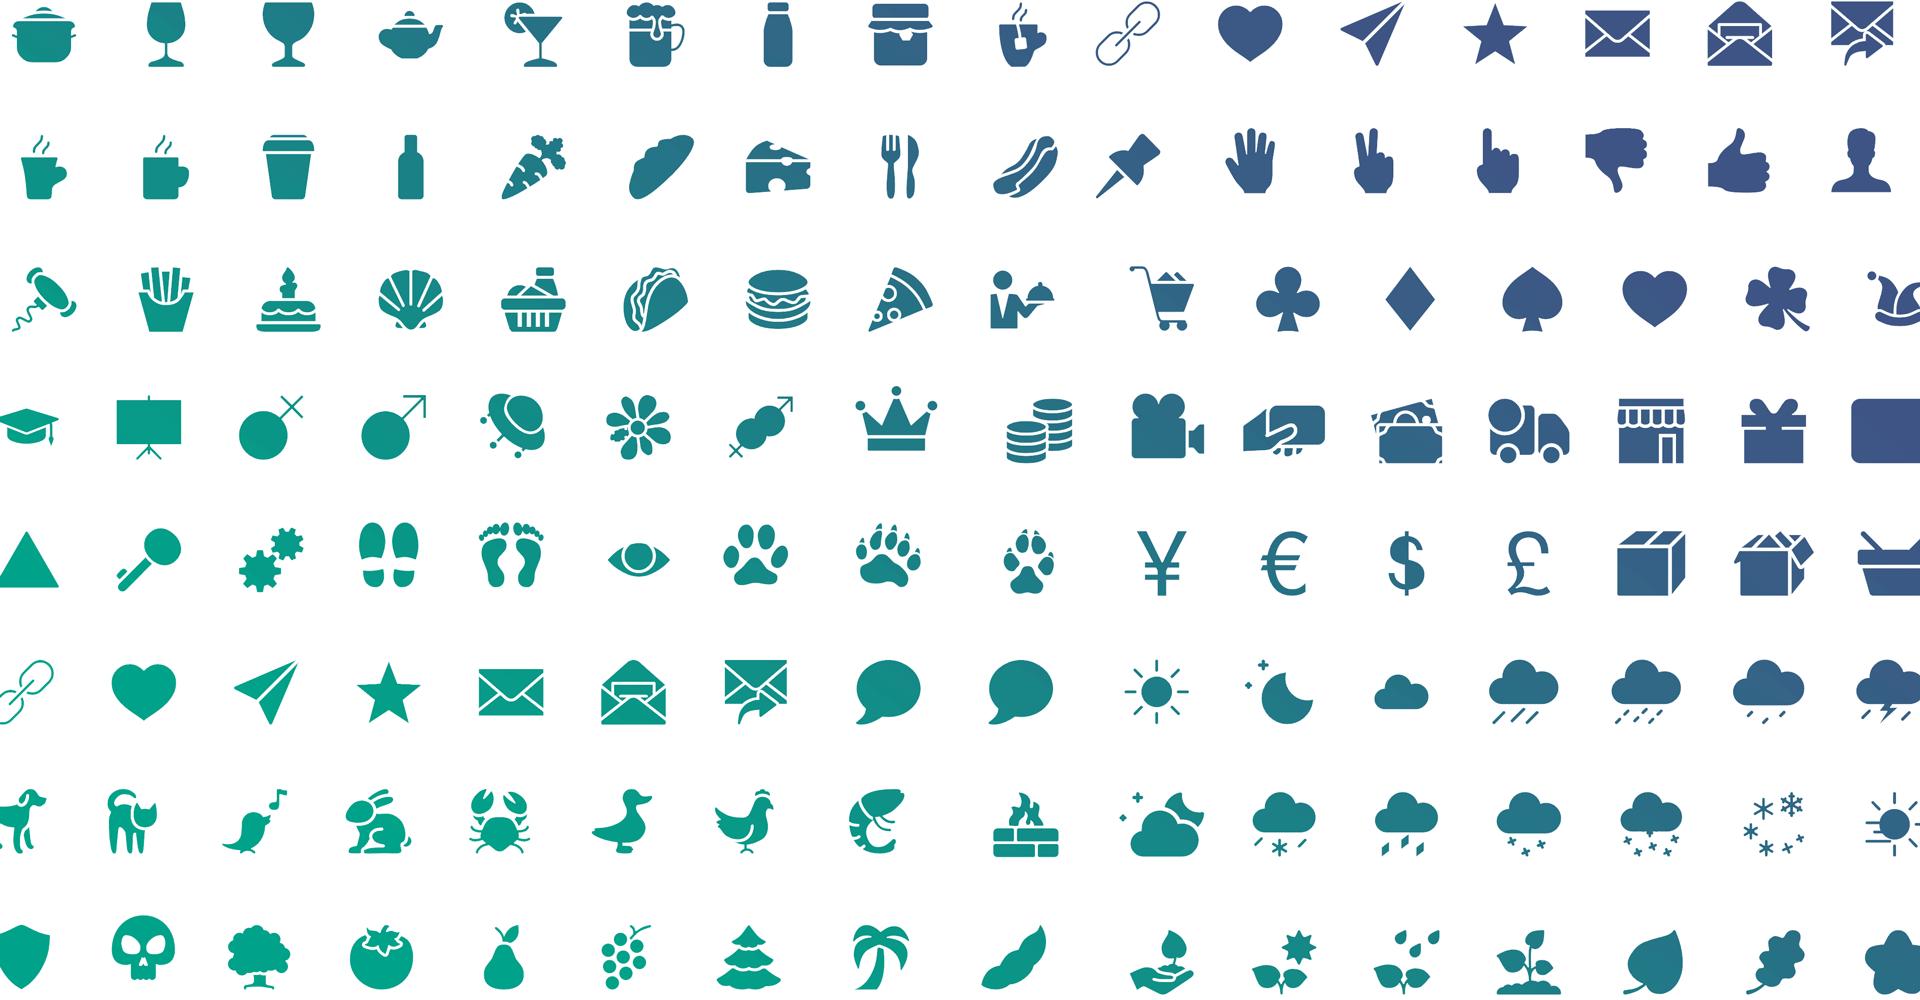 Uma biblioteca de 3000 ícones